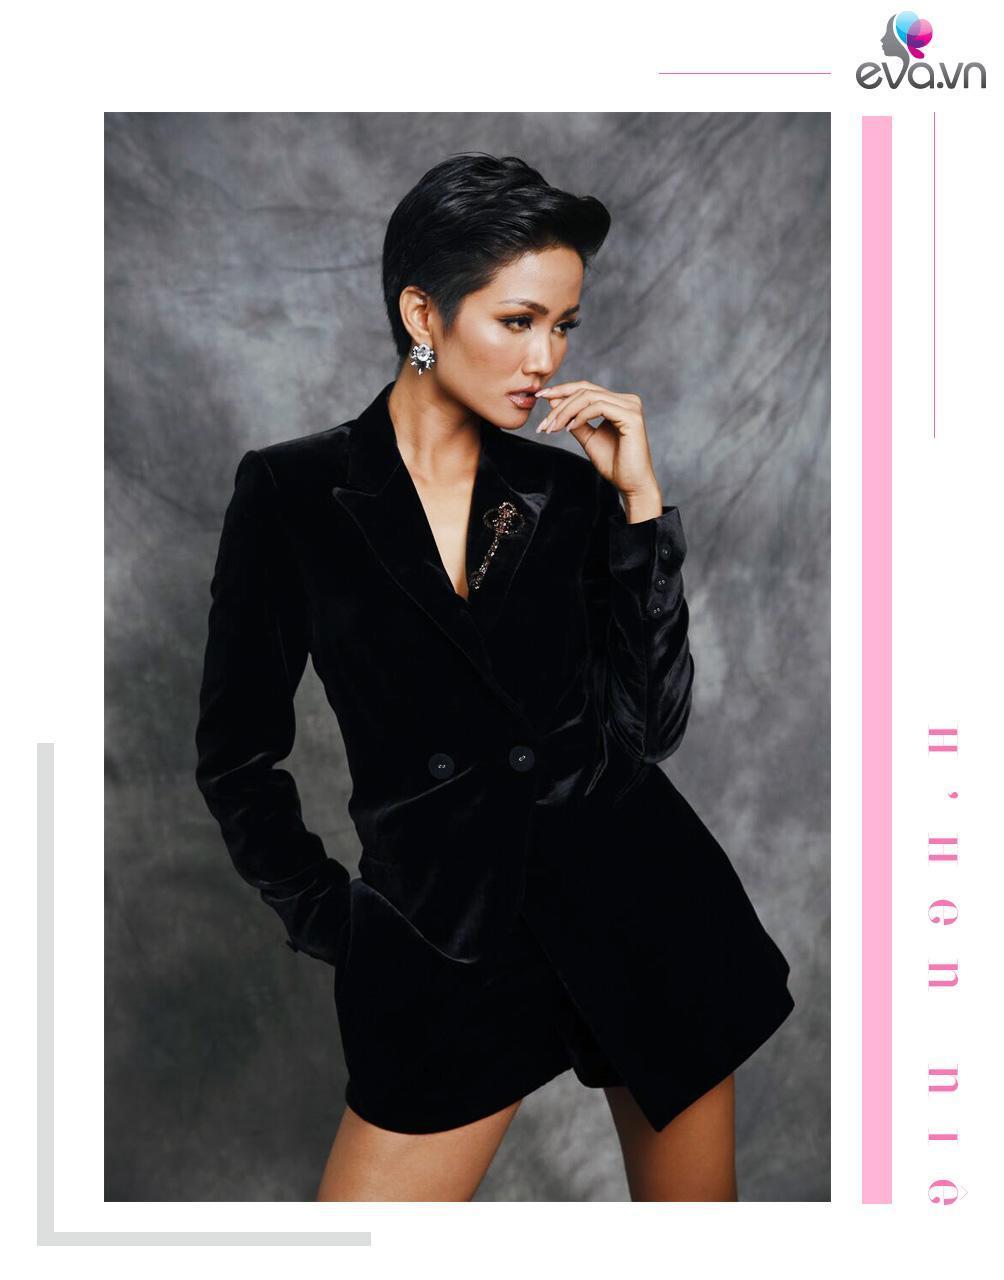 Hoa hậu H hen Niê: Món đồ đắt nhất của tôi là 2 triệu, rẻ nhất là 2 ngàn đồng-10